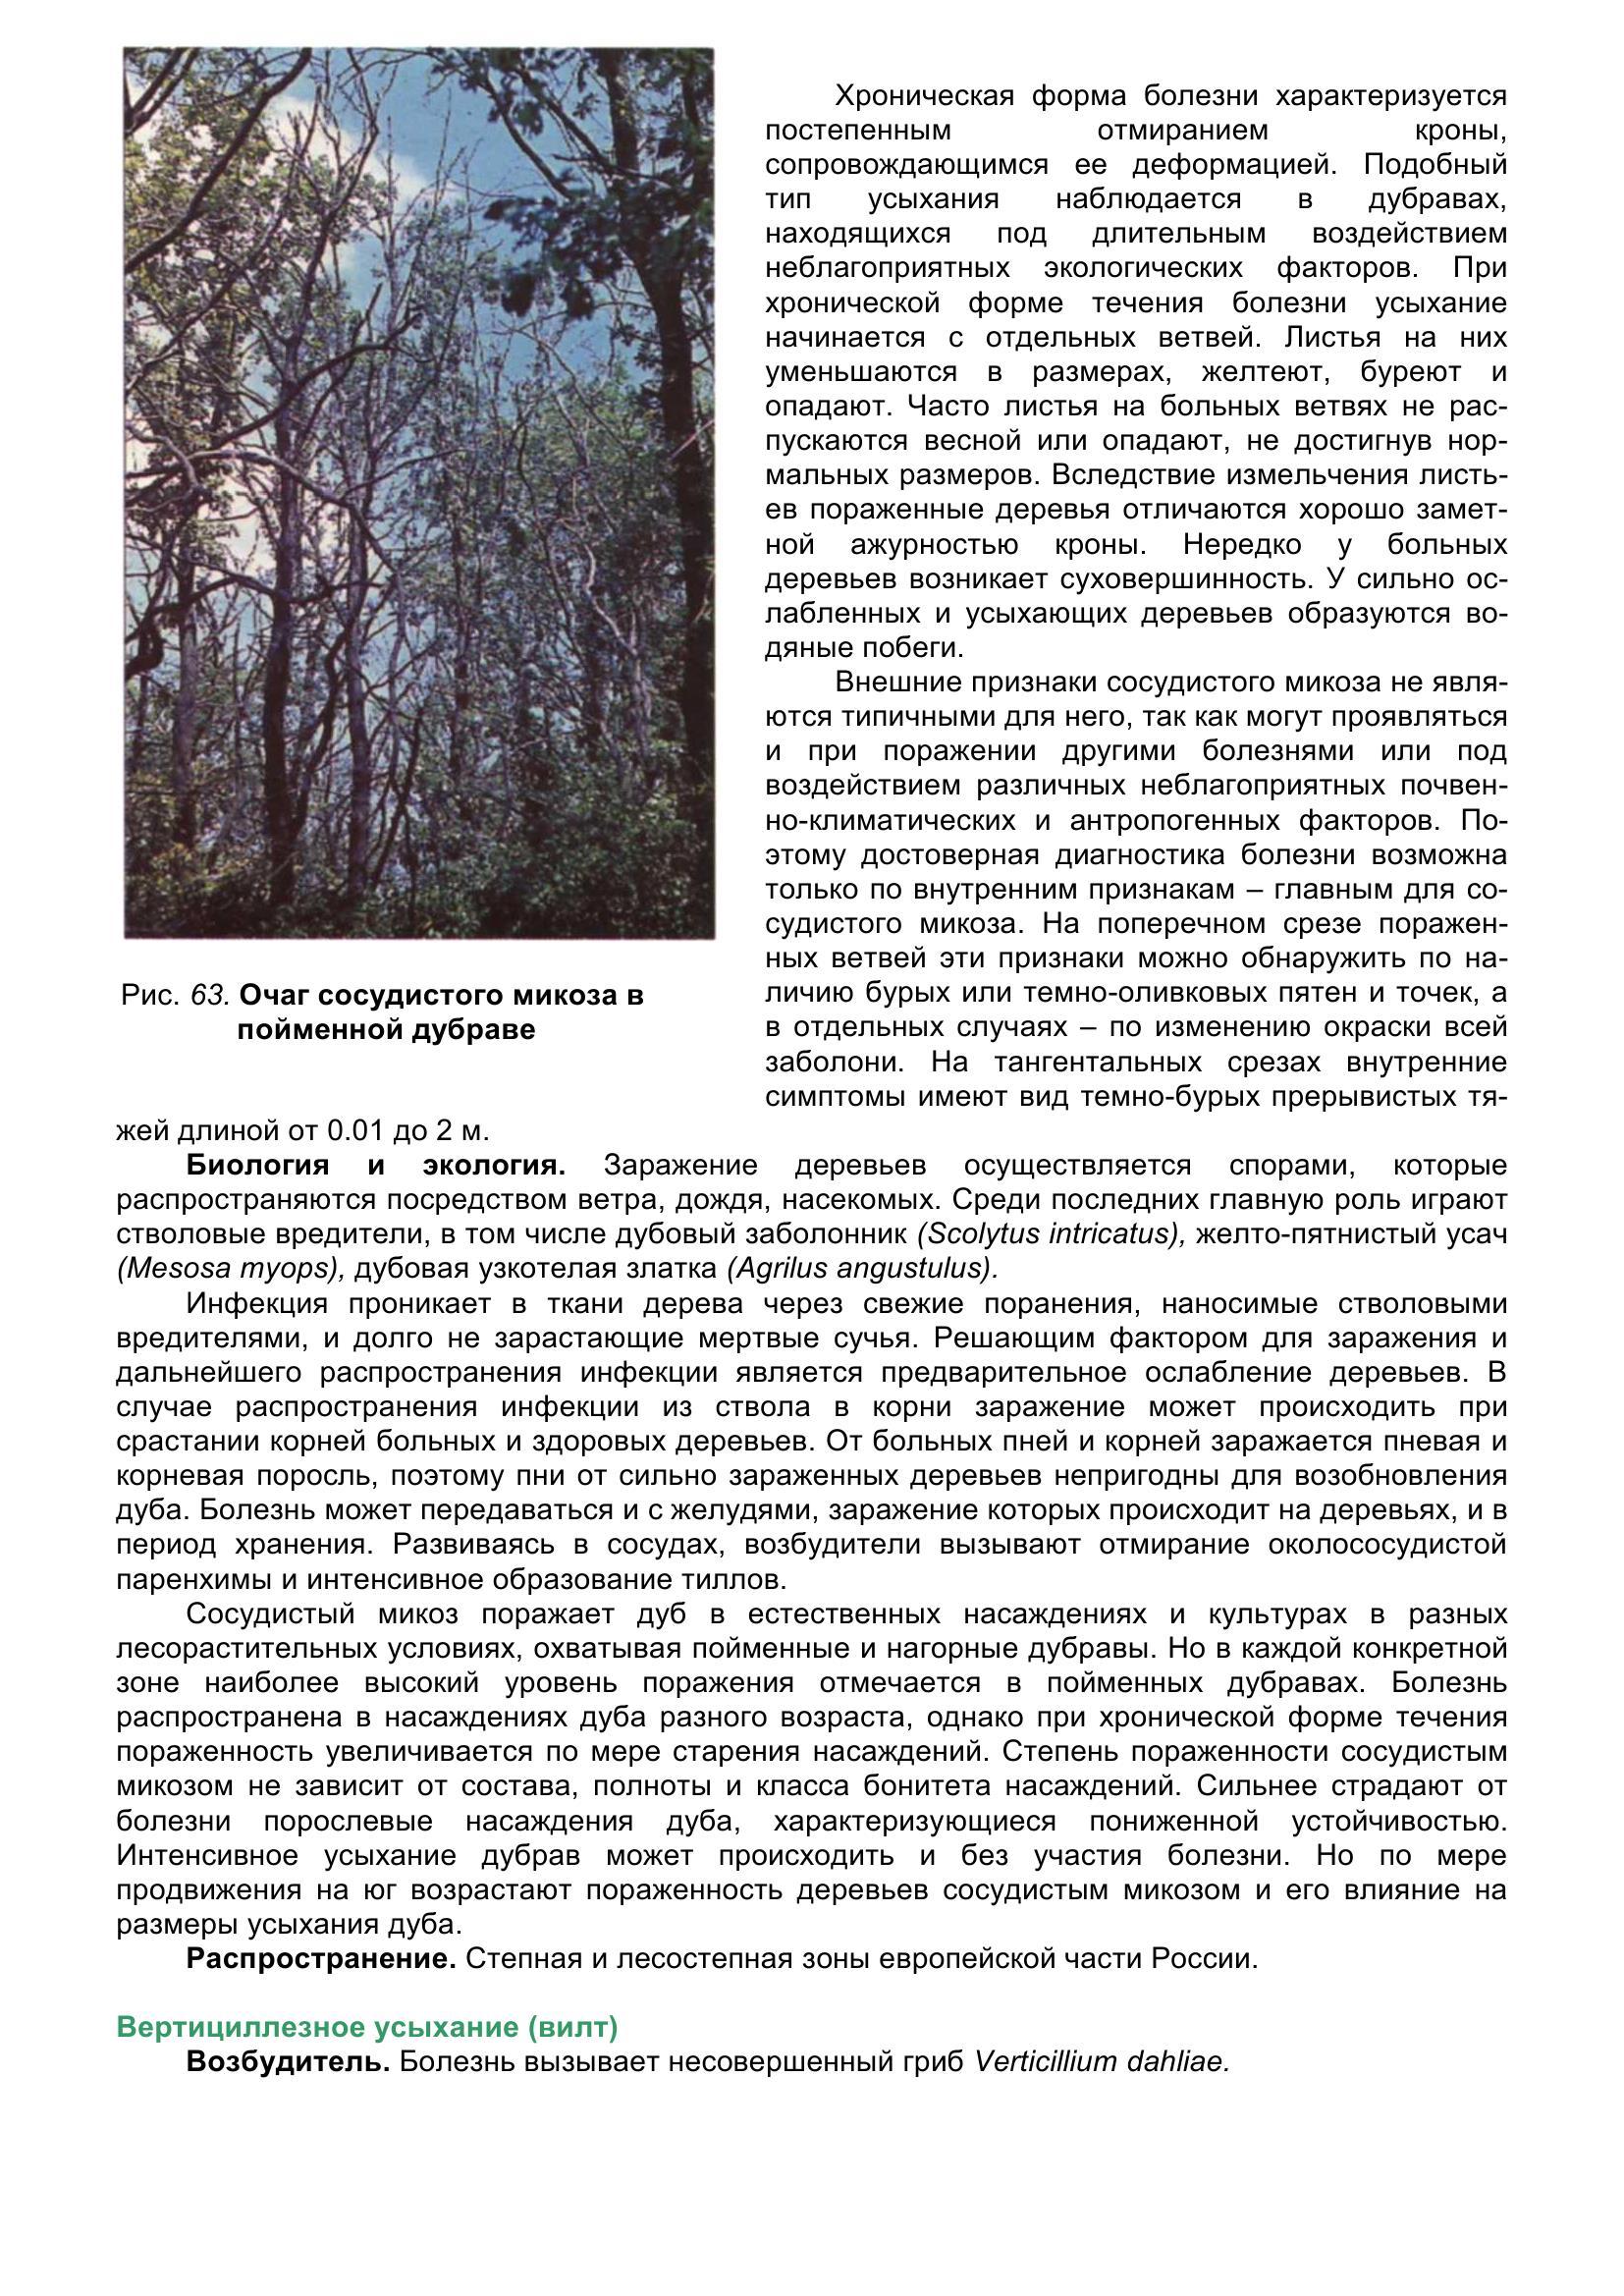 Болезни_древесных_растений_074.jpg